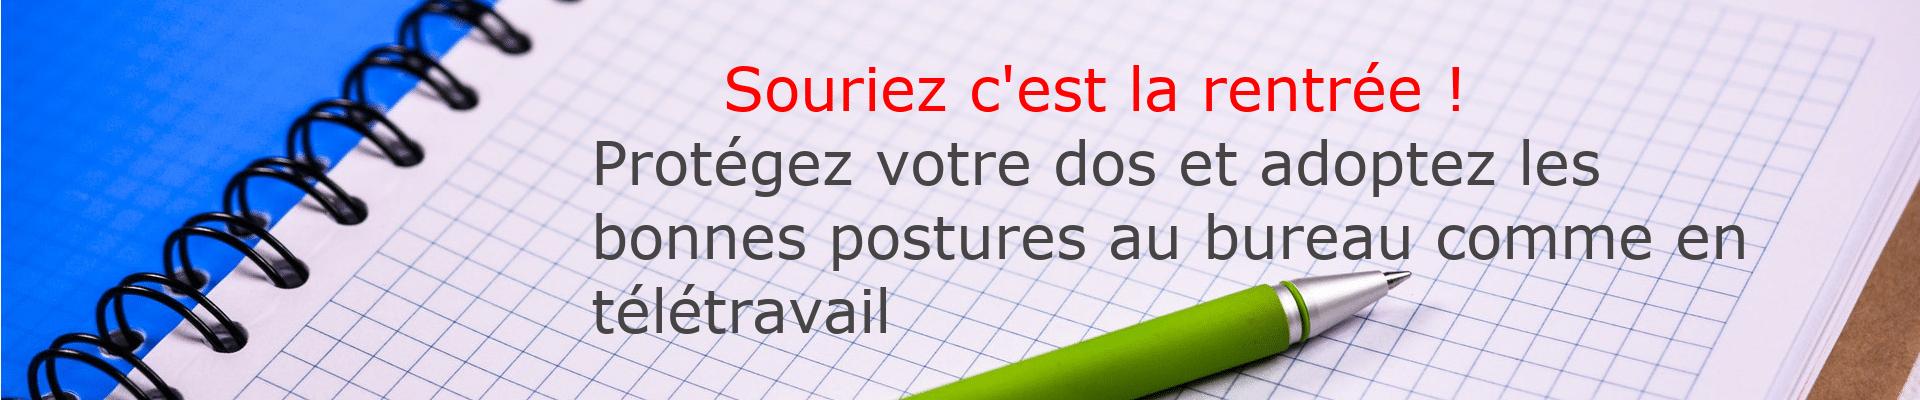 rentrée-2020-khol-avec-texte-v2-1920x400 Fabricant n°1 français de sièges ergonomiques